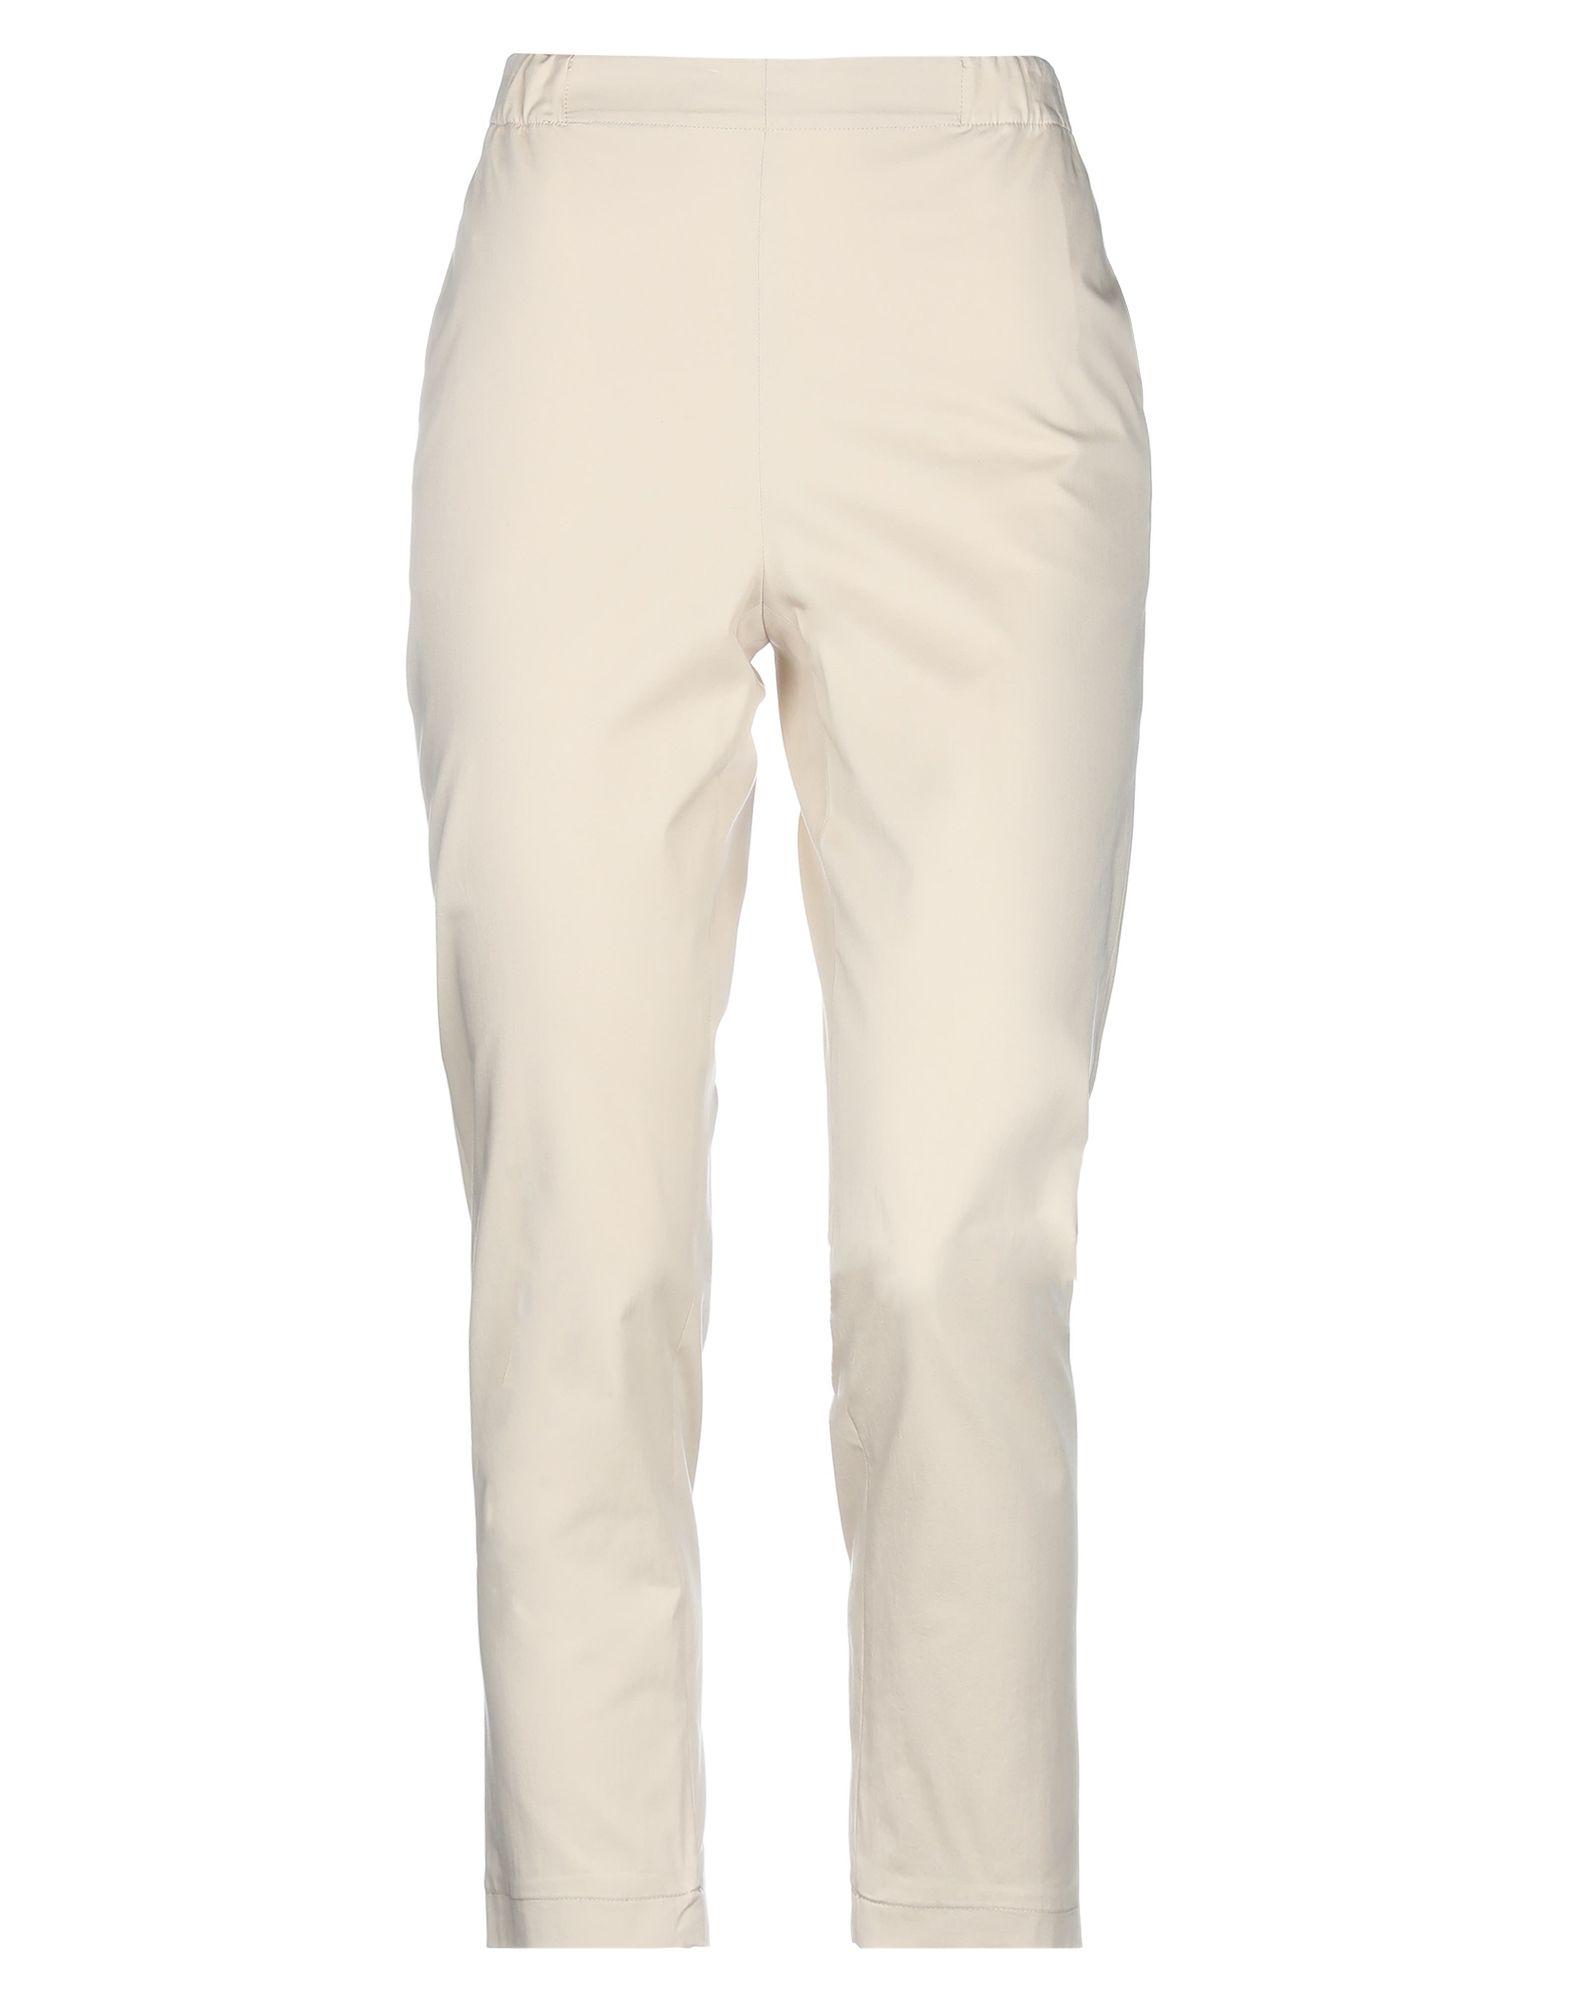 JUPE DE SATIN Повседневные брюки jupe by jackie хлопковые брюки